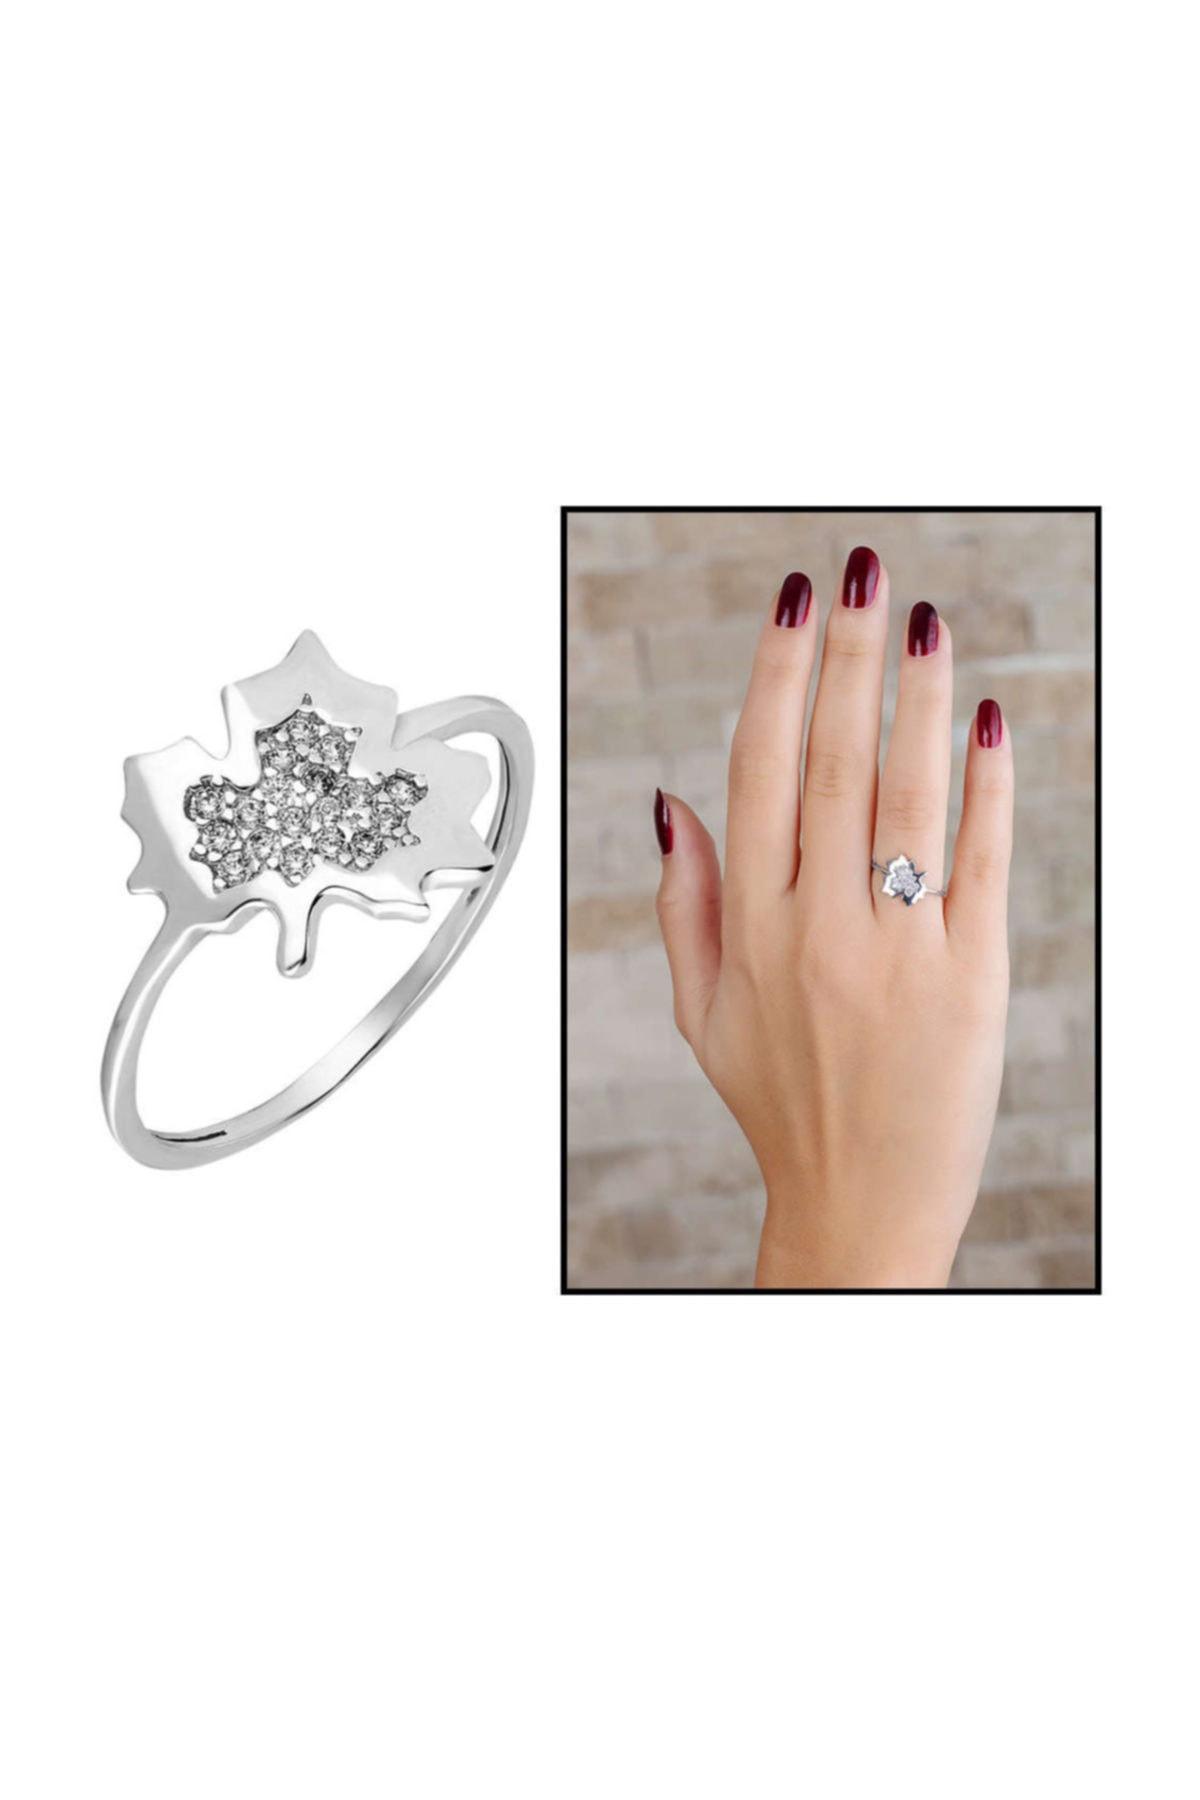 Tesbihane Zirkon Taşlı Çınar Yaprağı Tasarım 925 Ayar Gümüş Bayan Yüzük 1